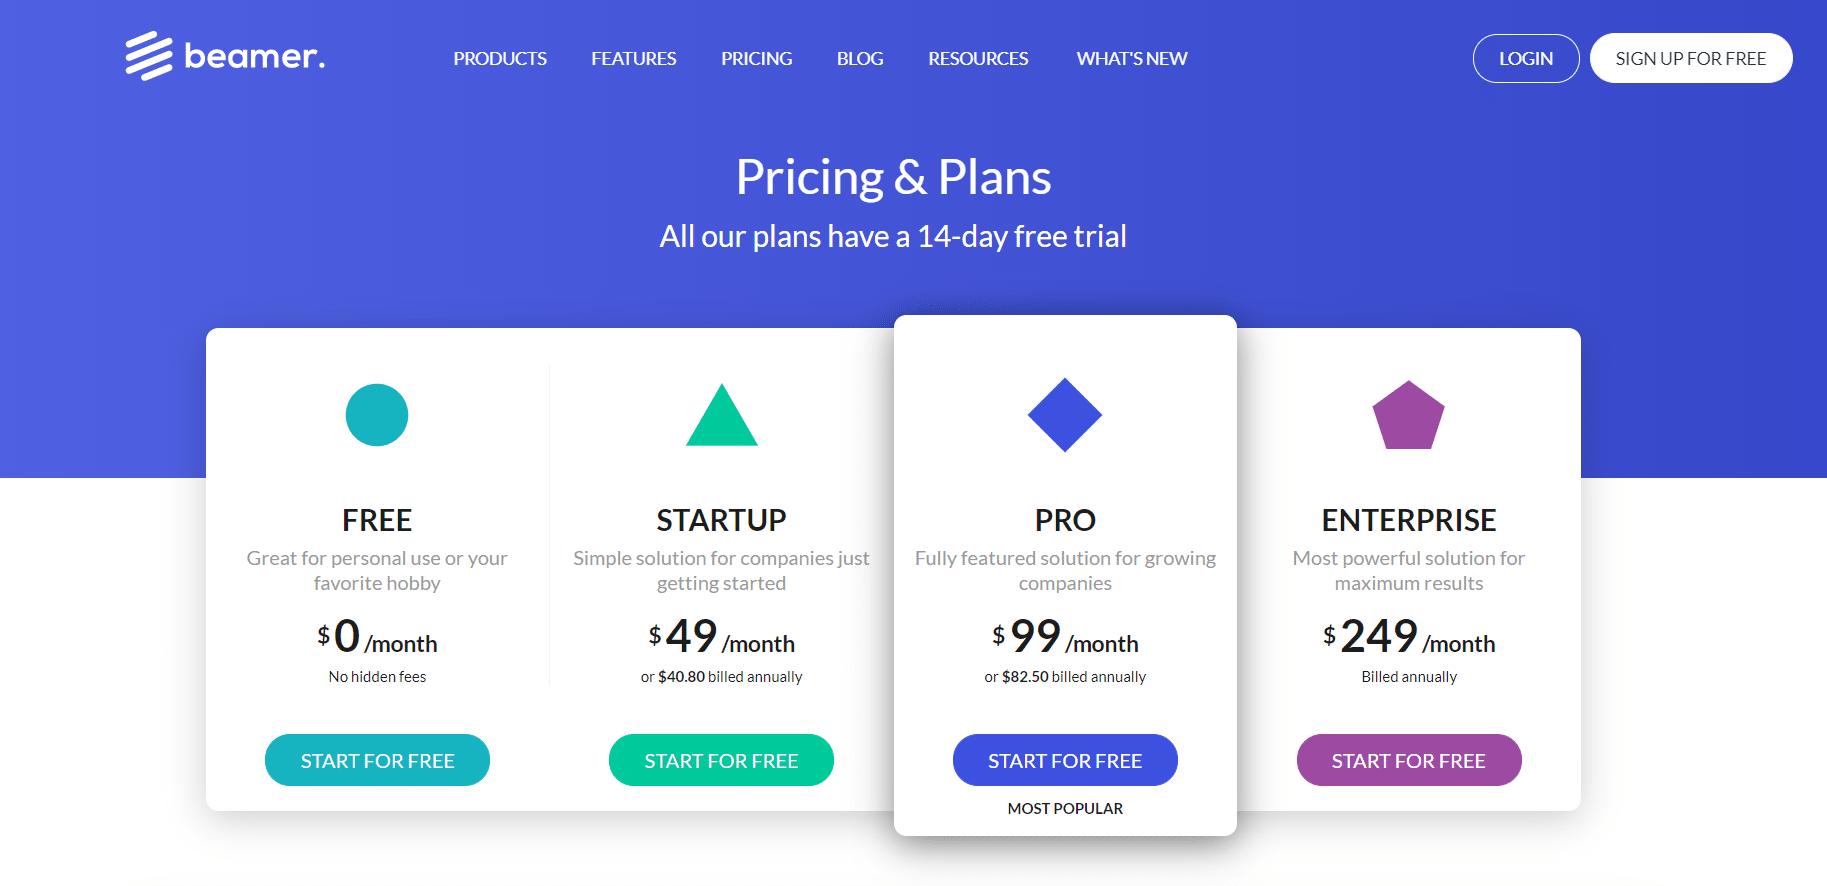 beamer-pricing